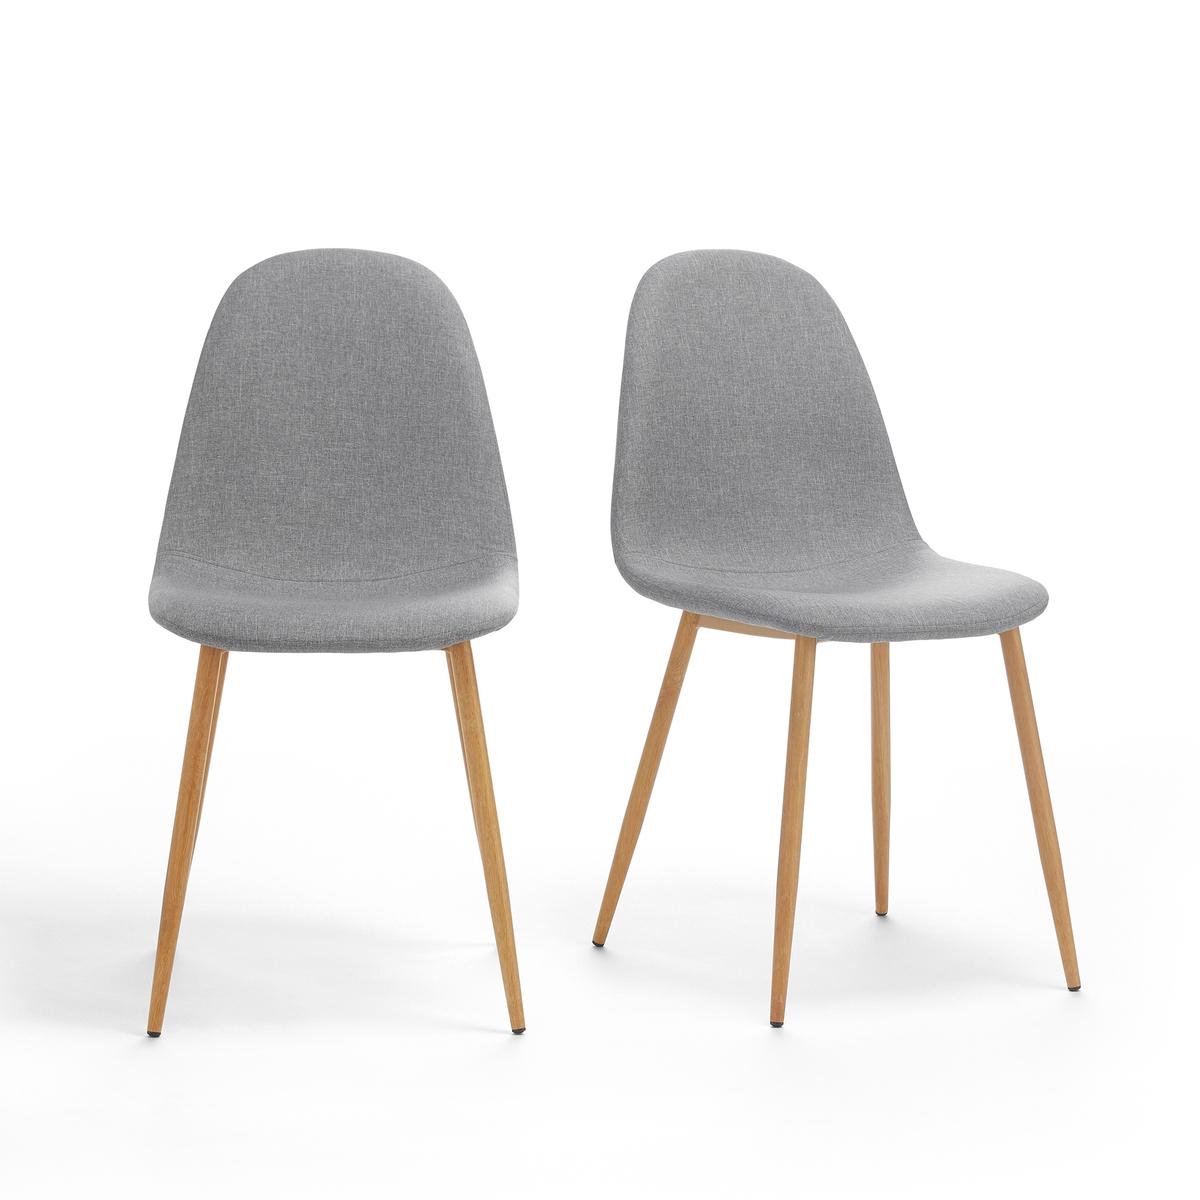 Комплект из 2 мягких стульев NORDIE